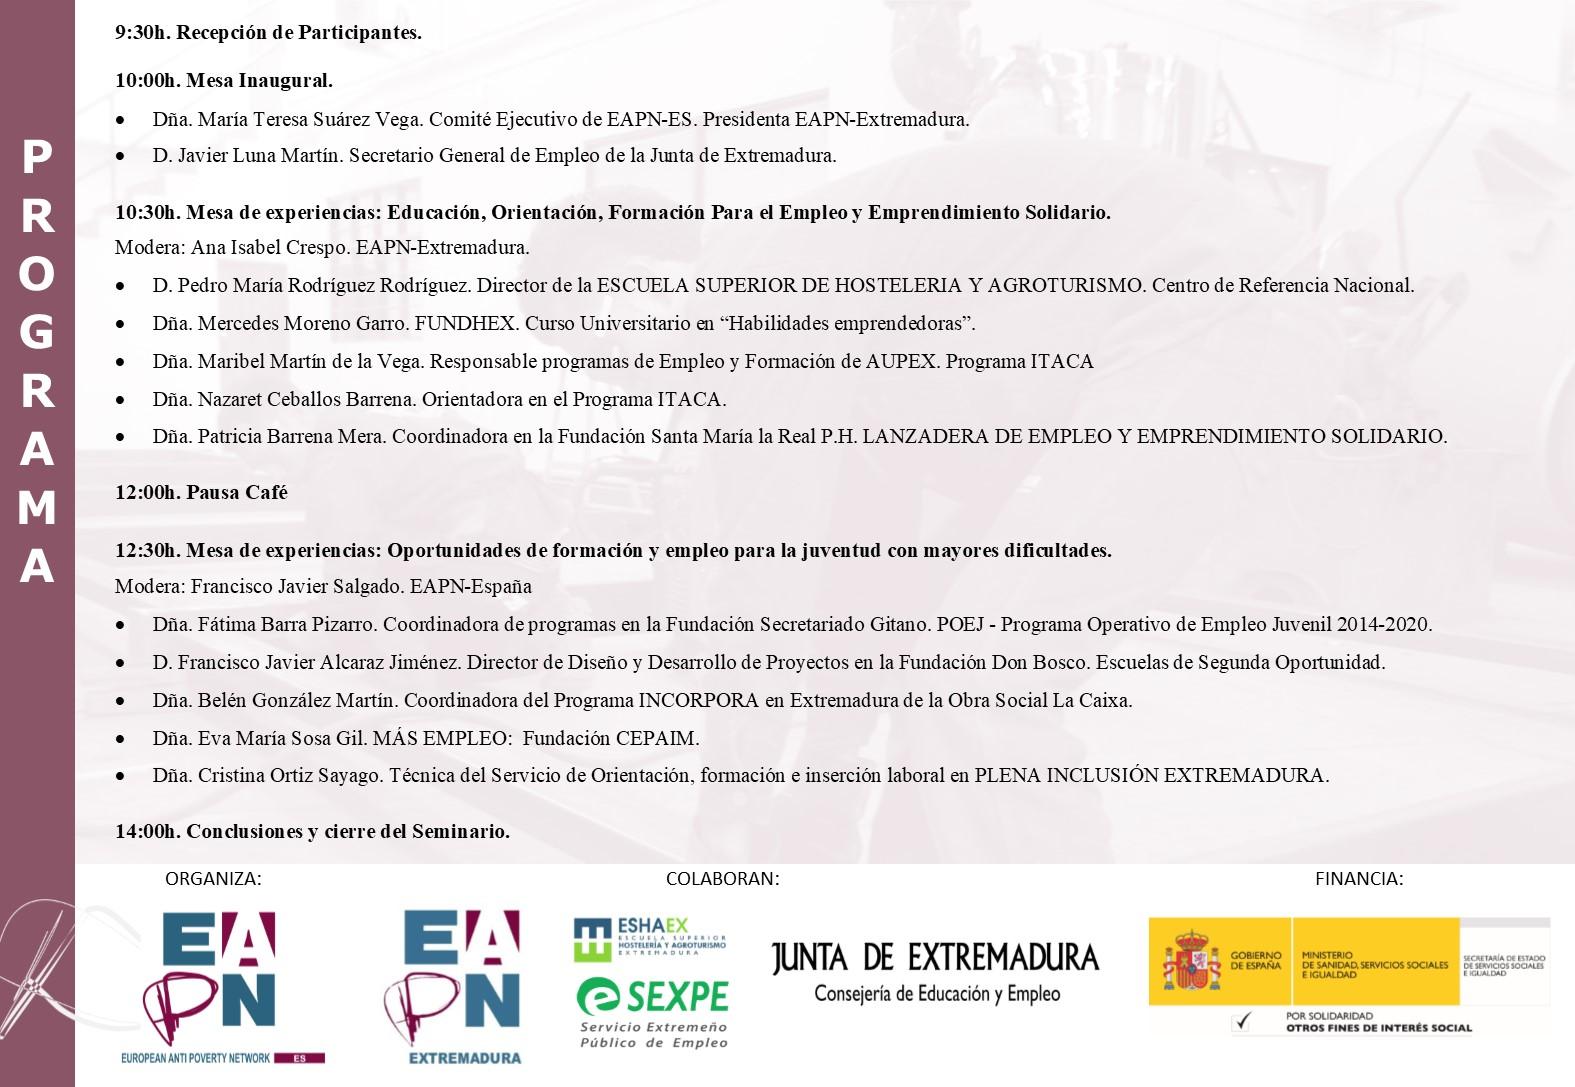 Seminario sobre Empleo Juvenil y la Formación para el Empleo en España @ Escuela Superior de Hostelería y Agroturismo | Mérida | Extremadura | España